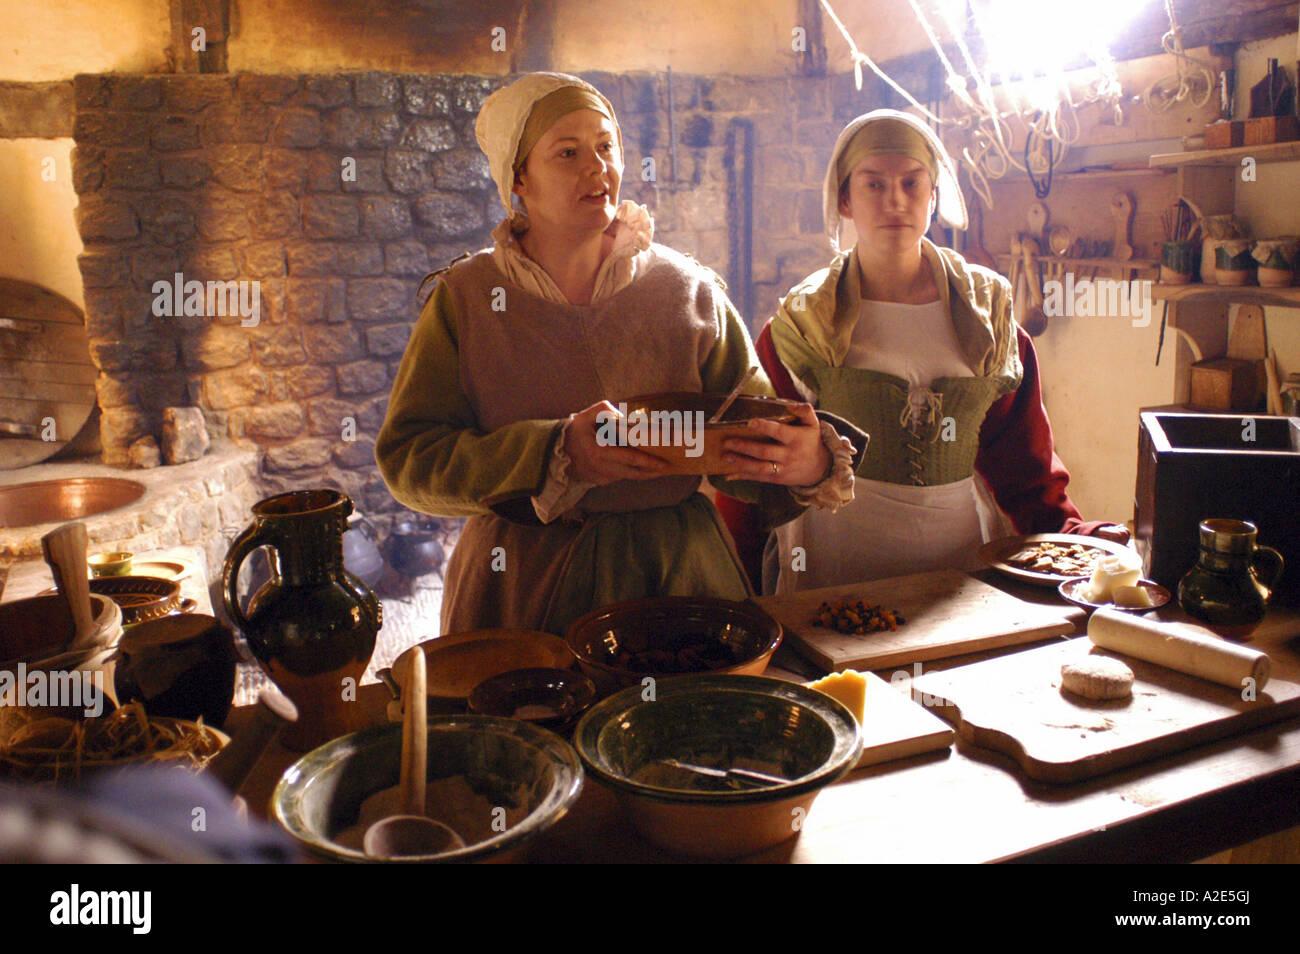 Re promulgare la medievale via della vita al Weald and Downland Museum Singleton West Sussex England foto da Andrew Immagini Stock